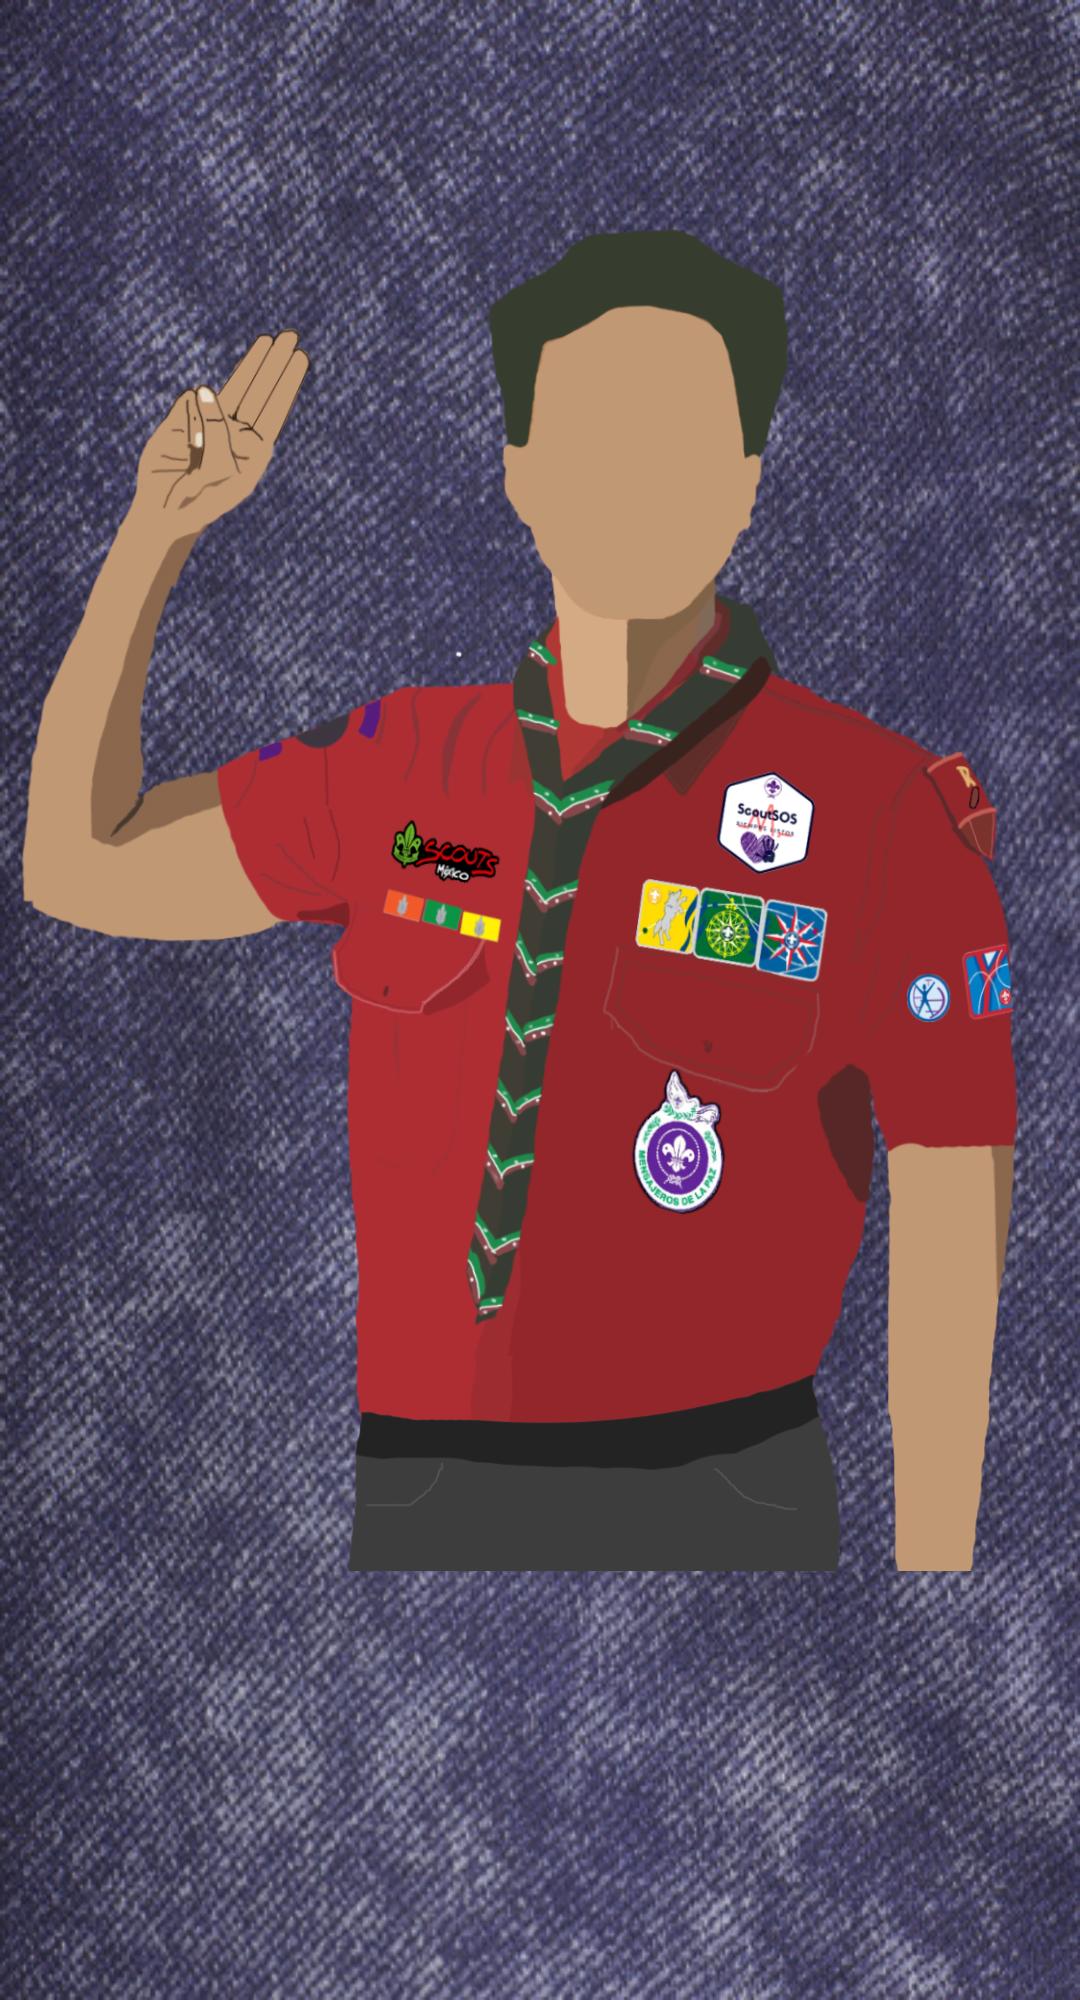 Profile picture for user Jossué Tavares Angulo_1